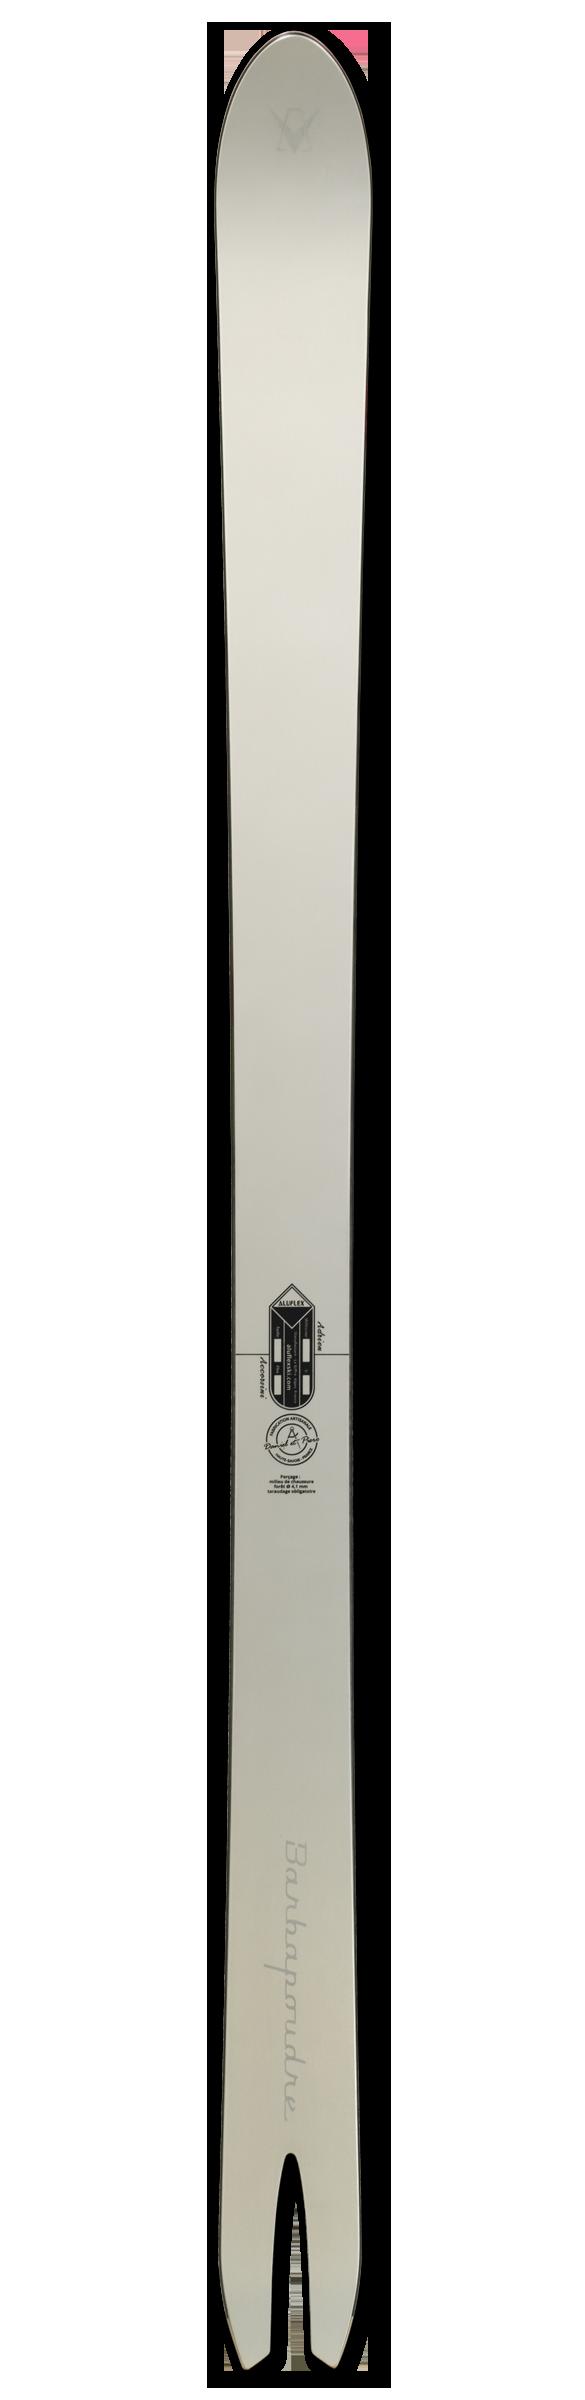 Ski Aluflex Barbapoudre 204